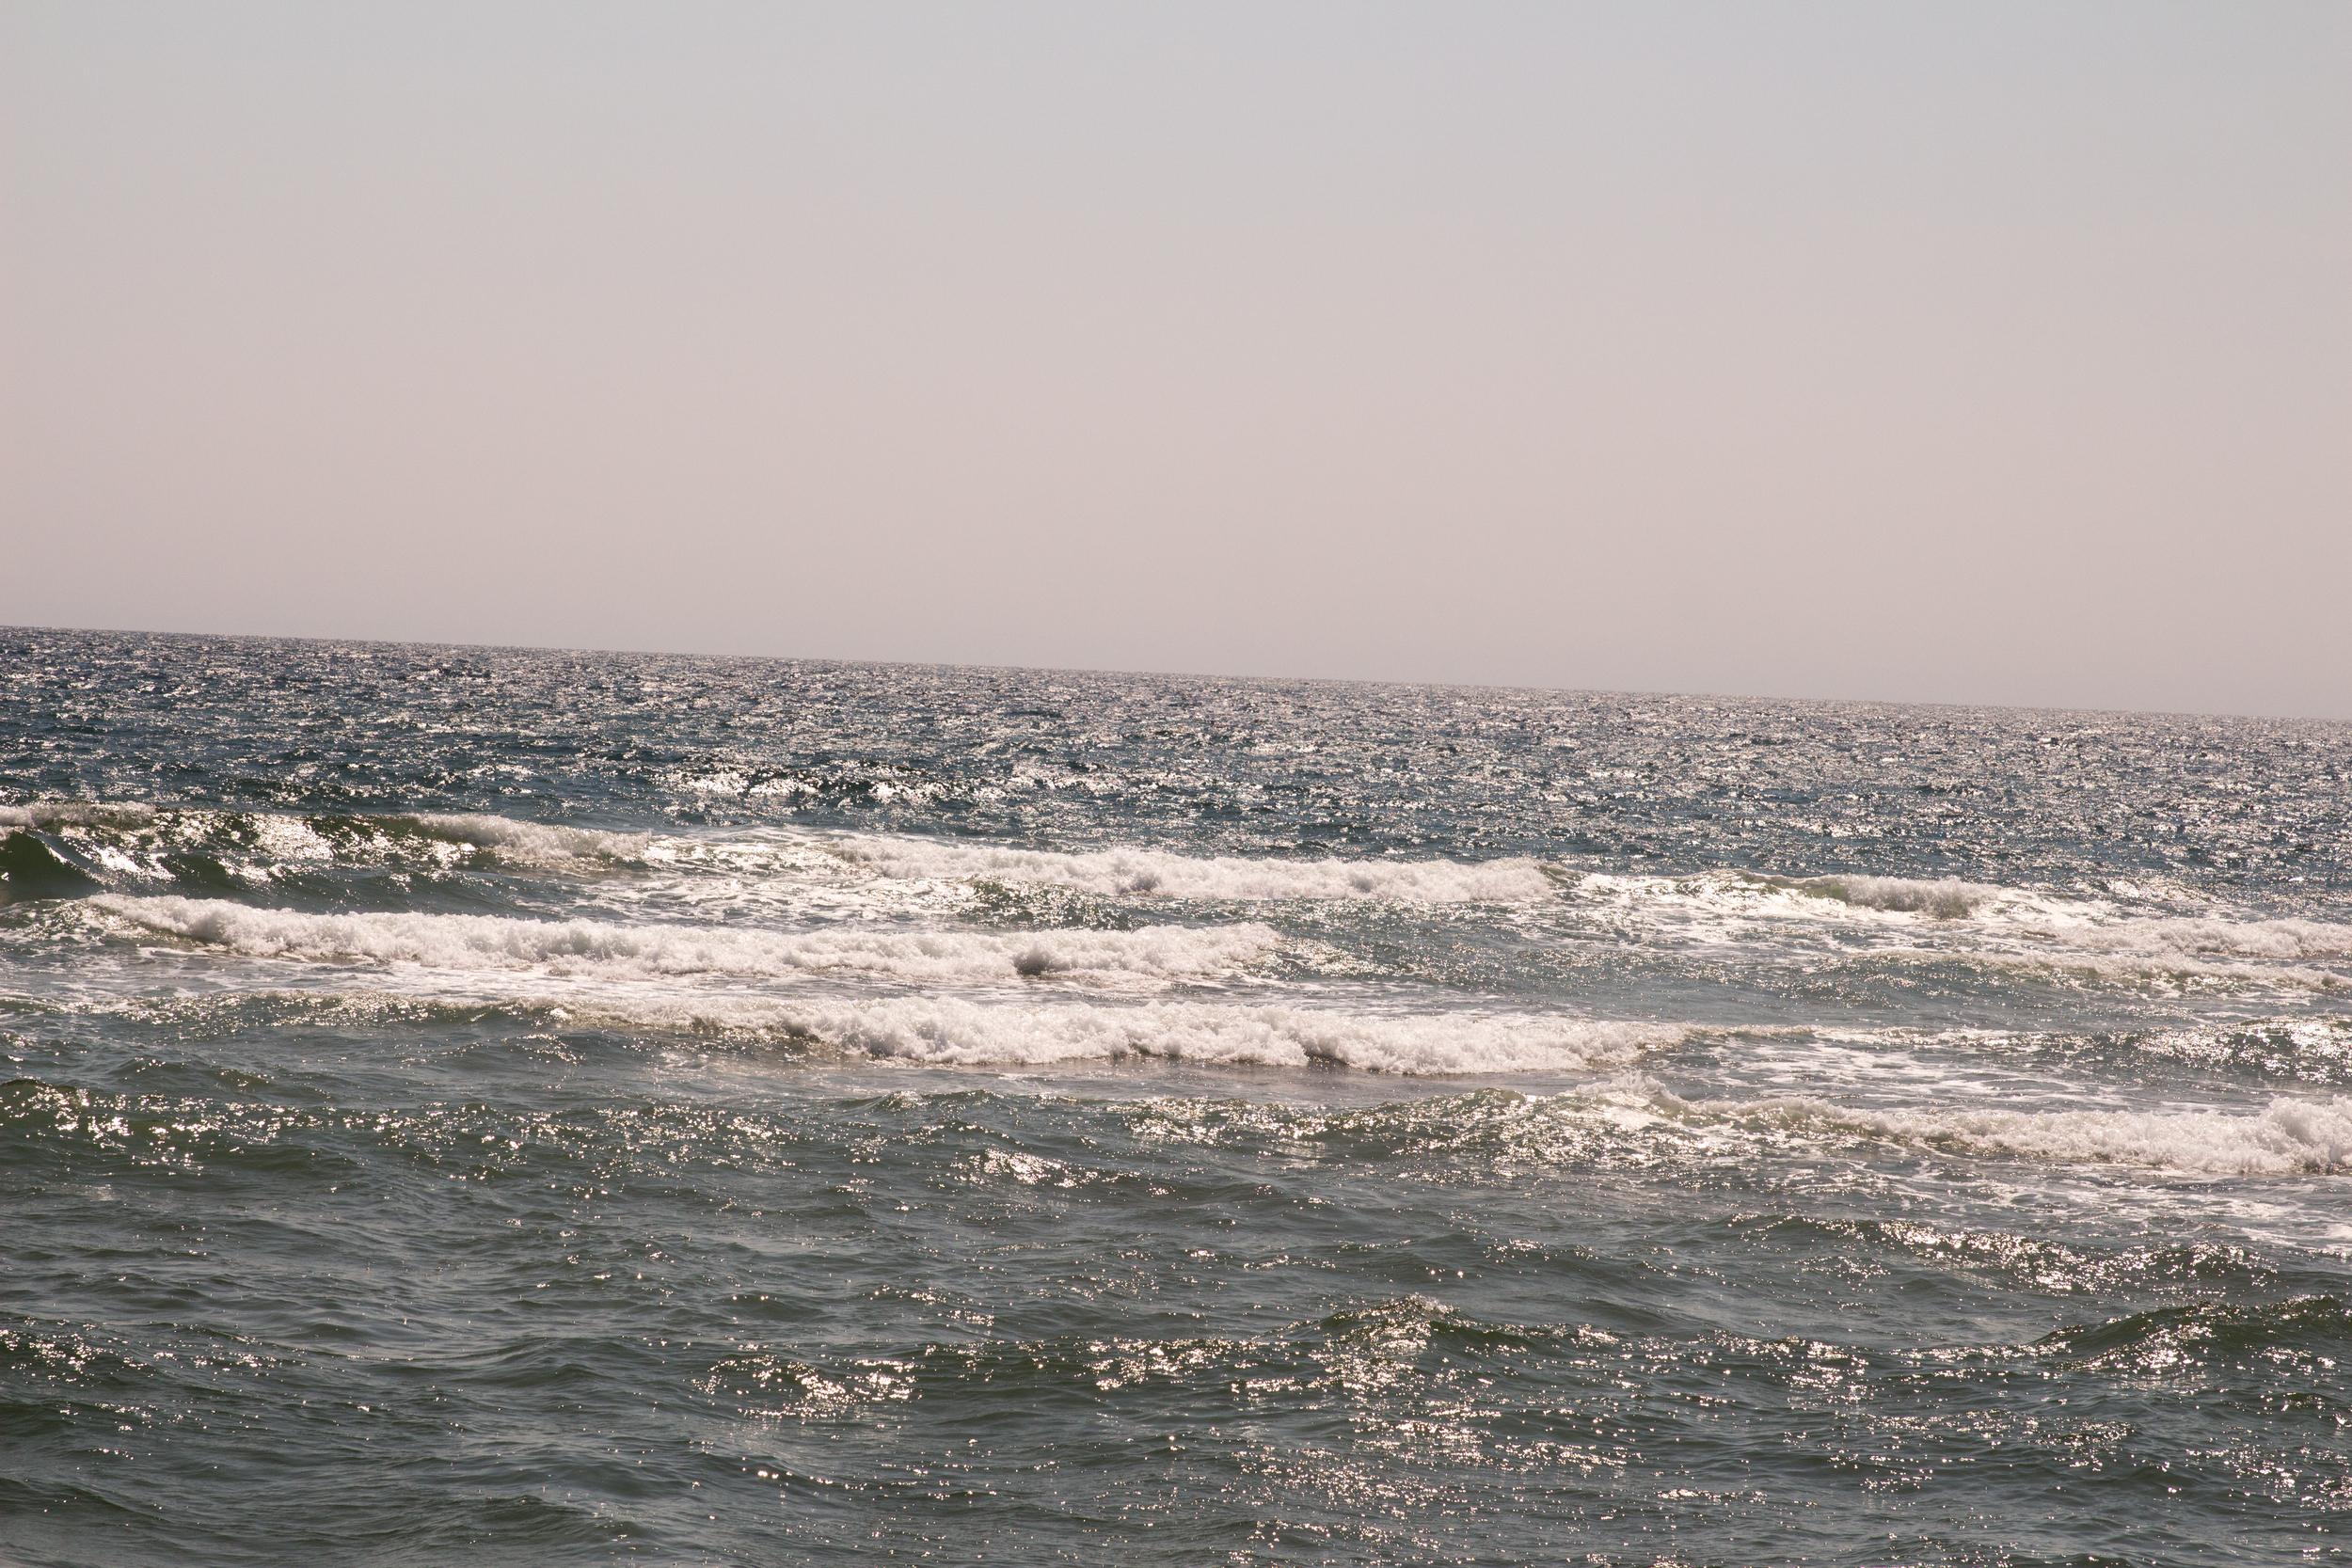 Atlantic Ocean from Basin Head, PEI.